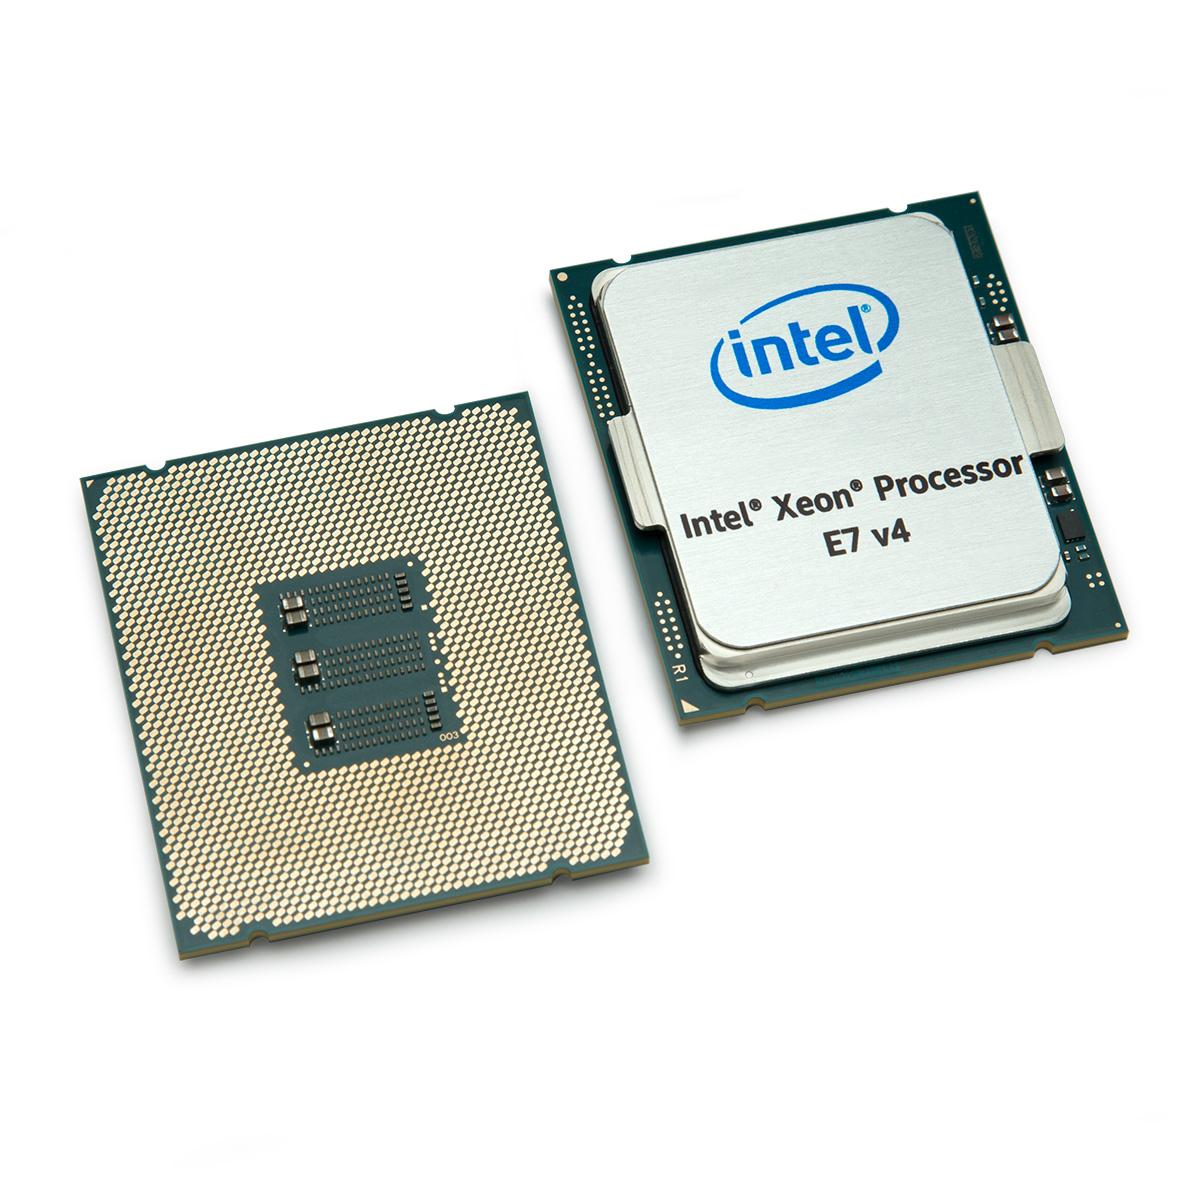 英特爾新聞照片_Xeon E7v4_1